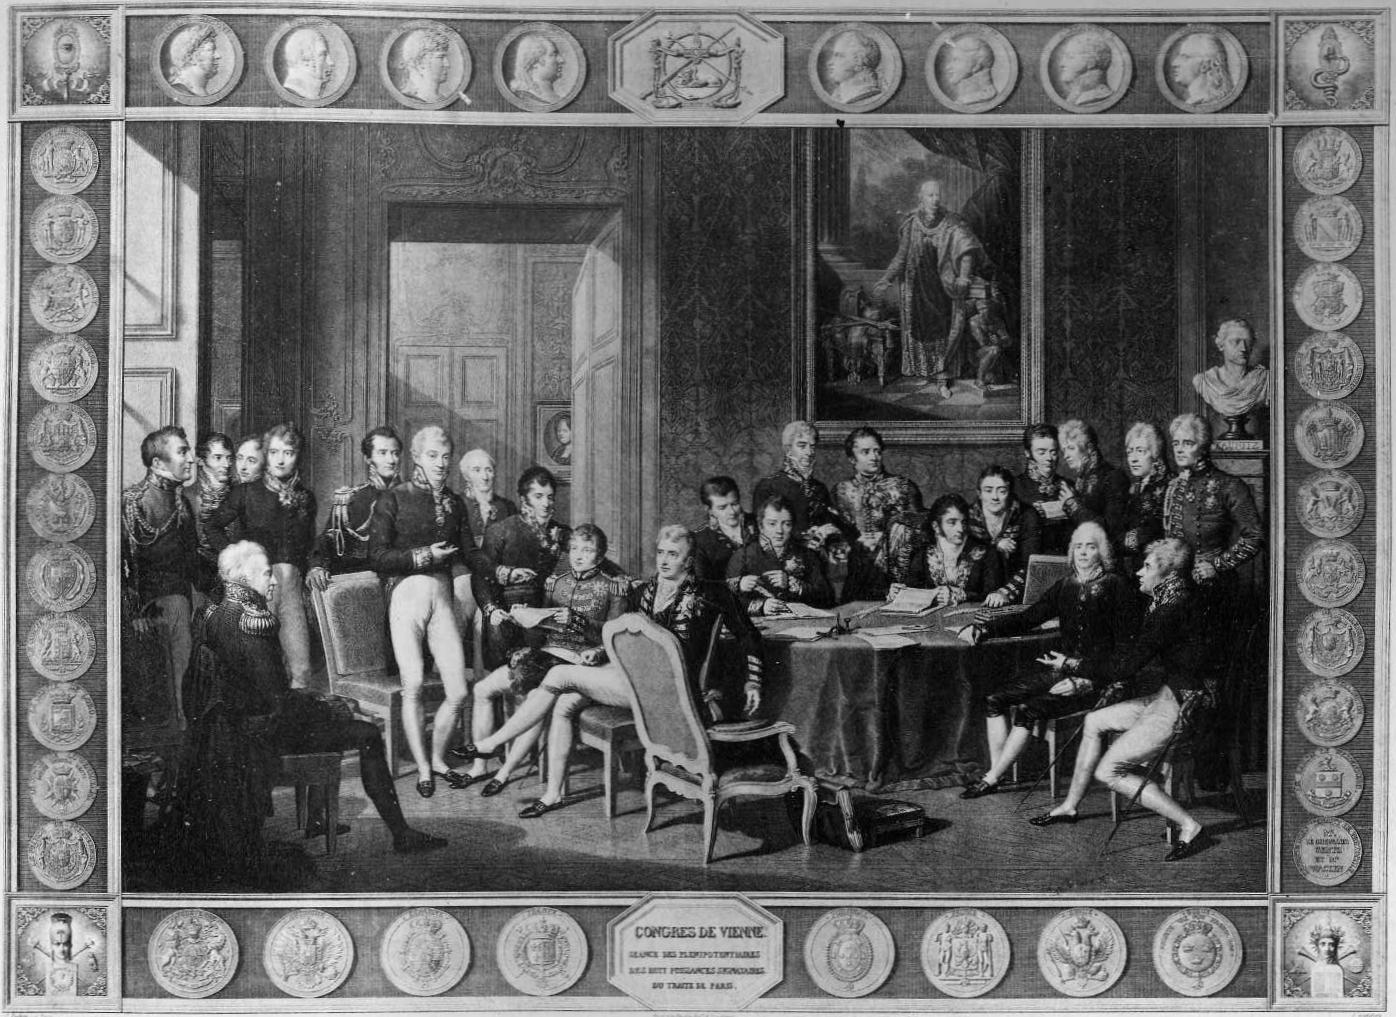 """""""Congress de Vienne"""" Anonymous engraver, after  Jean-Baptiste Isabey (1819)."""